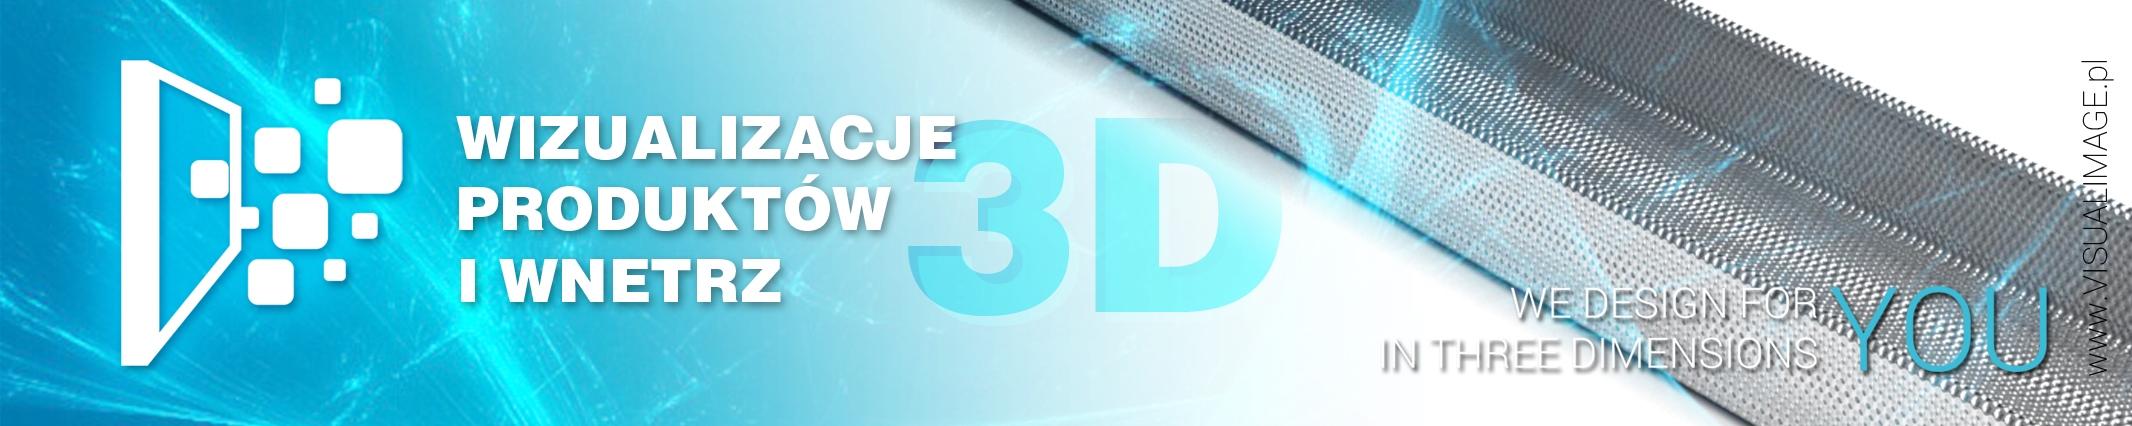 Wizualizacja 3D | Wizualizacja produktów | Wizualizacja wnętrz 3D | Visual Image